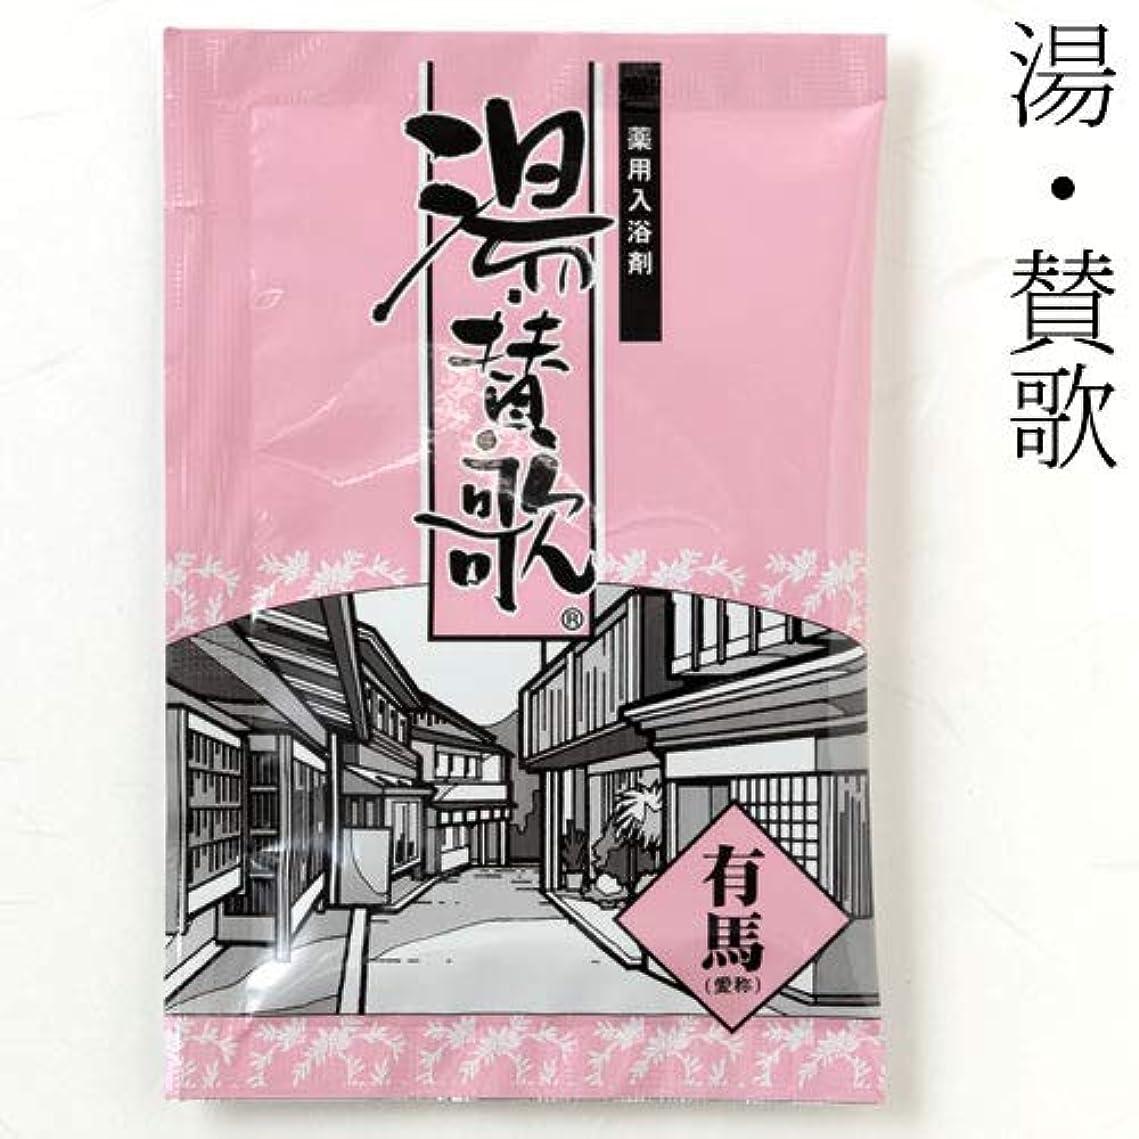 試みるスイッチところで入浴剤湯?賛歌有馬1包石川県のお風呂グッズBath additive, Ishikawa craft